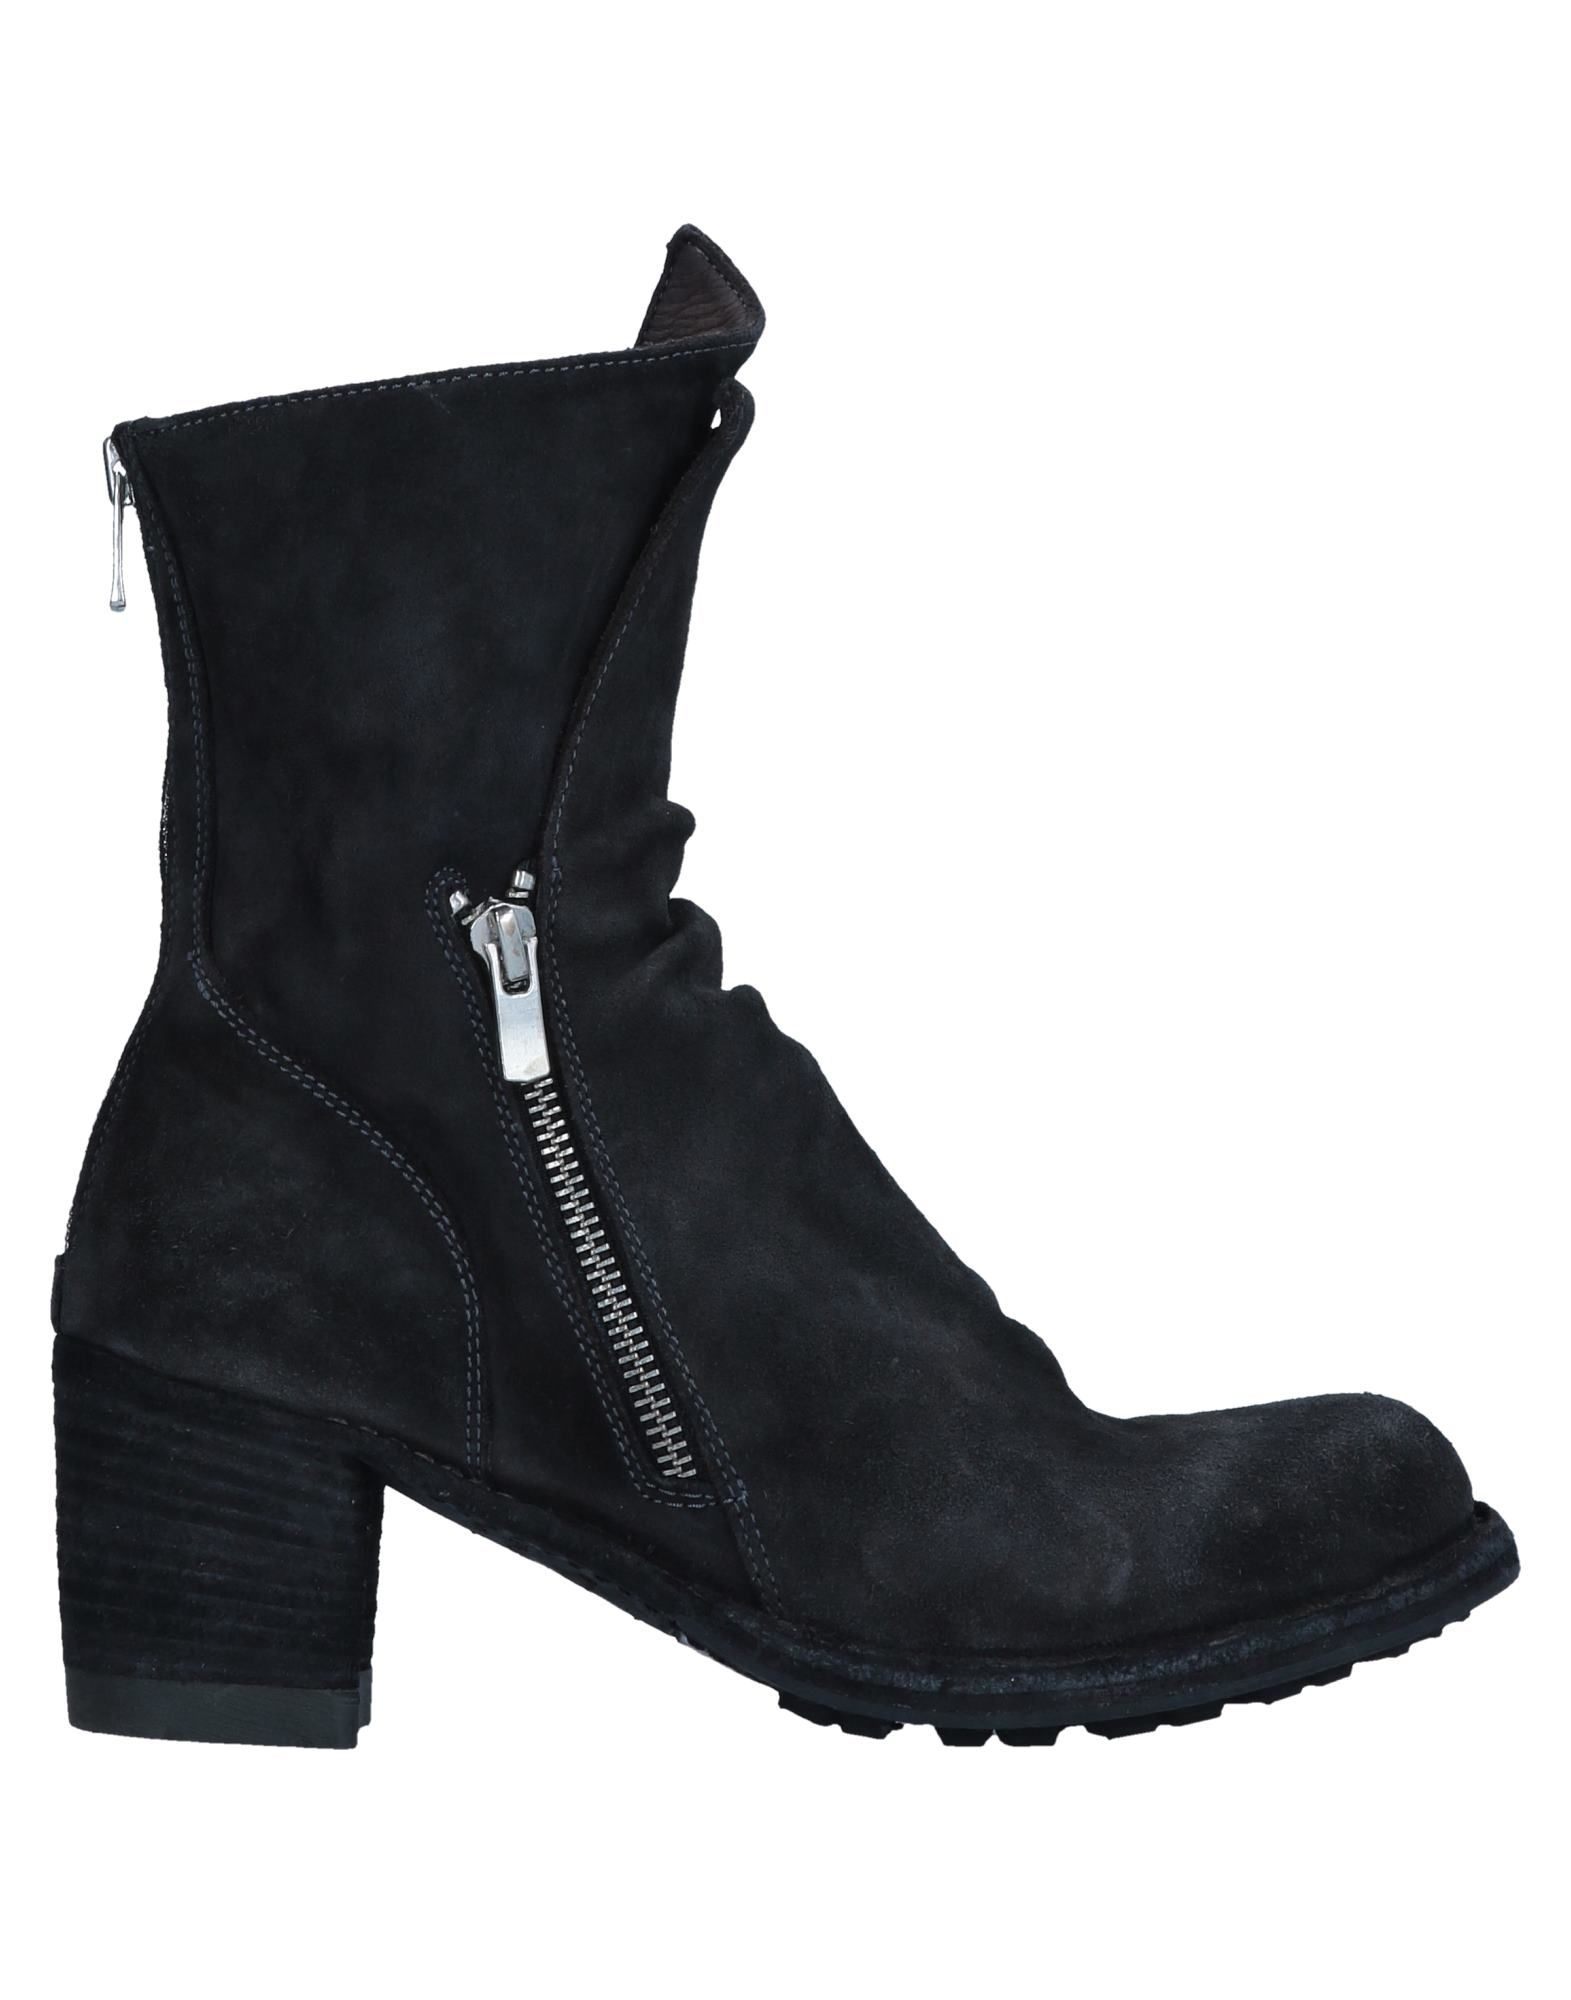 Sneakers Hogan Uomo - 11193816XT Scarpe economiche e buone